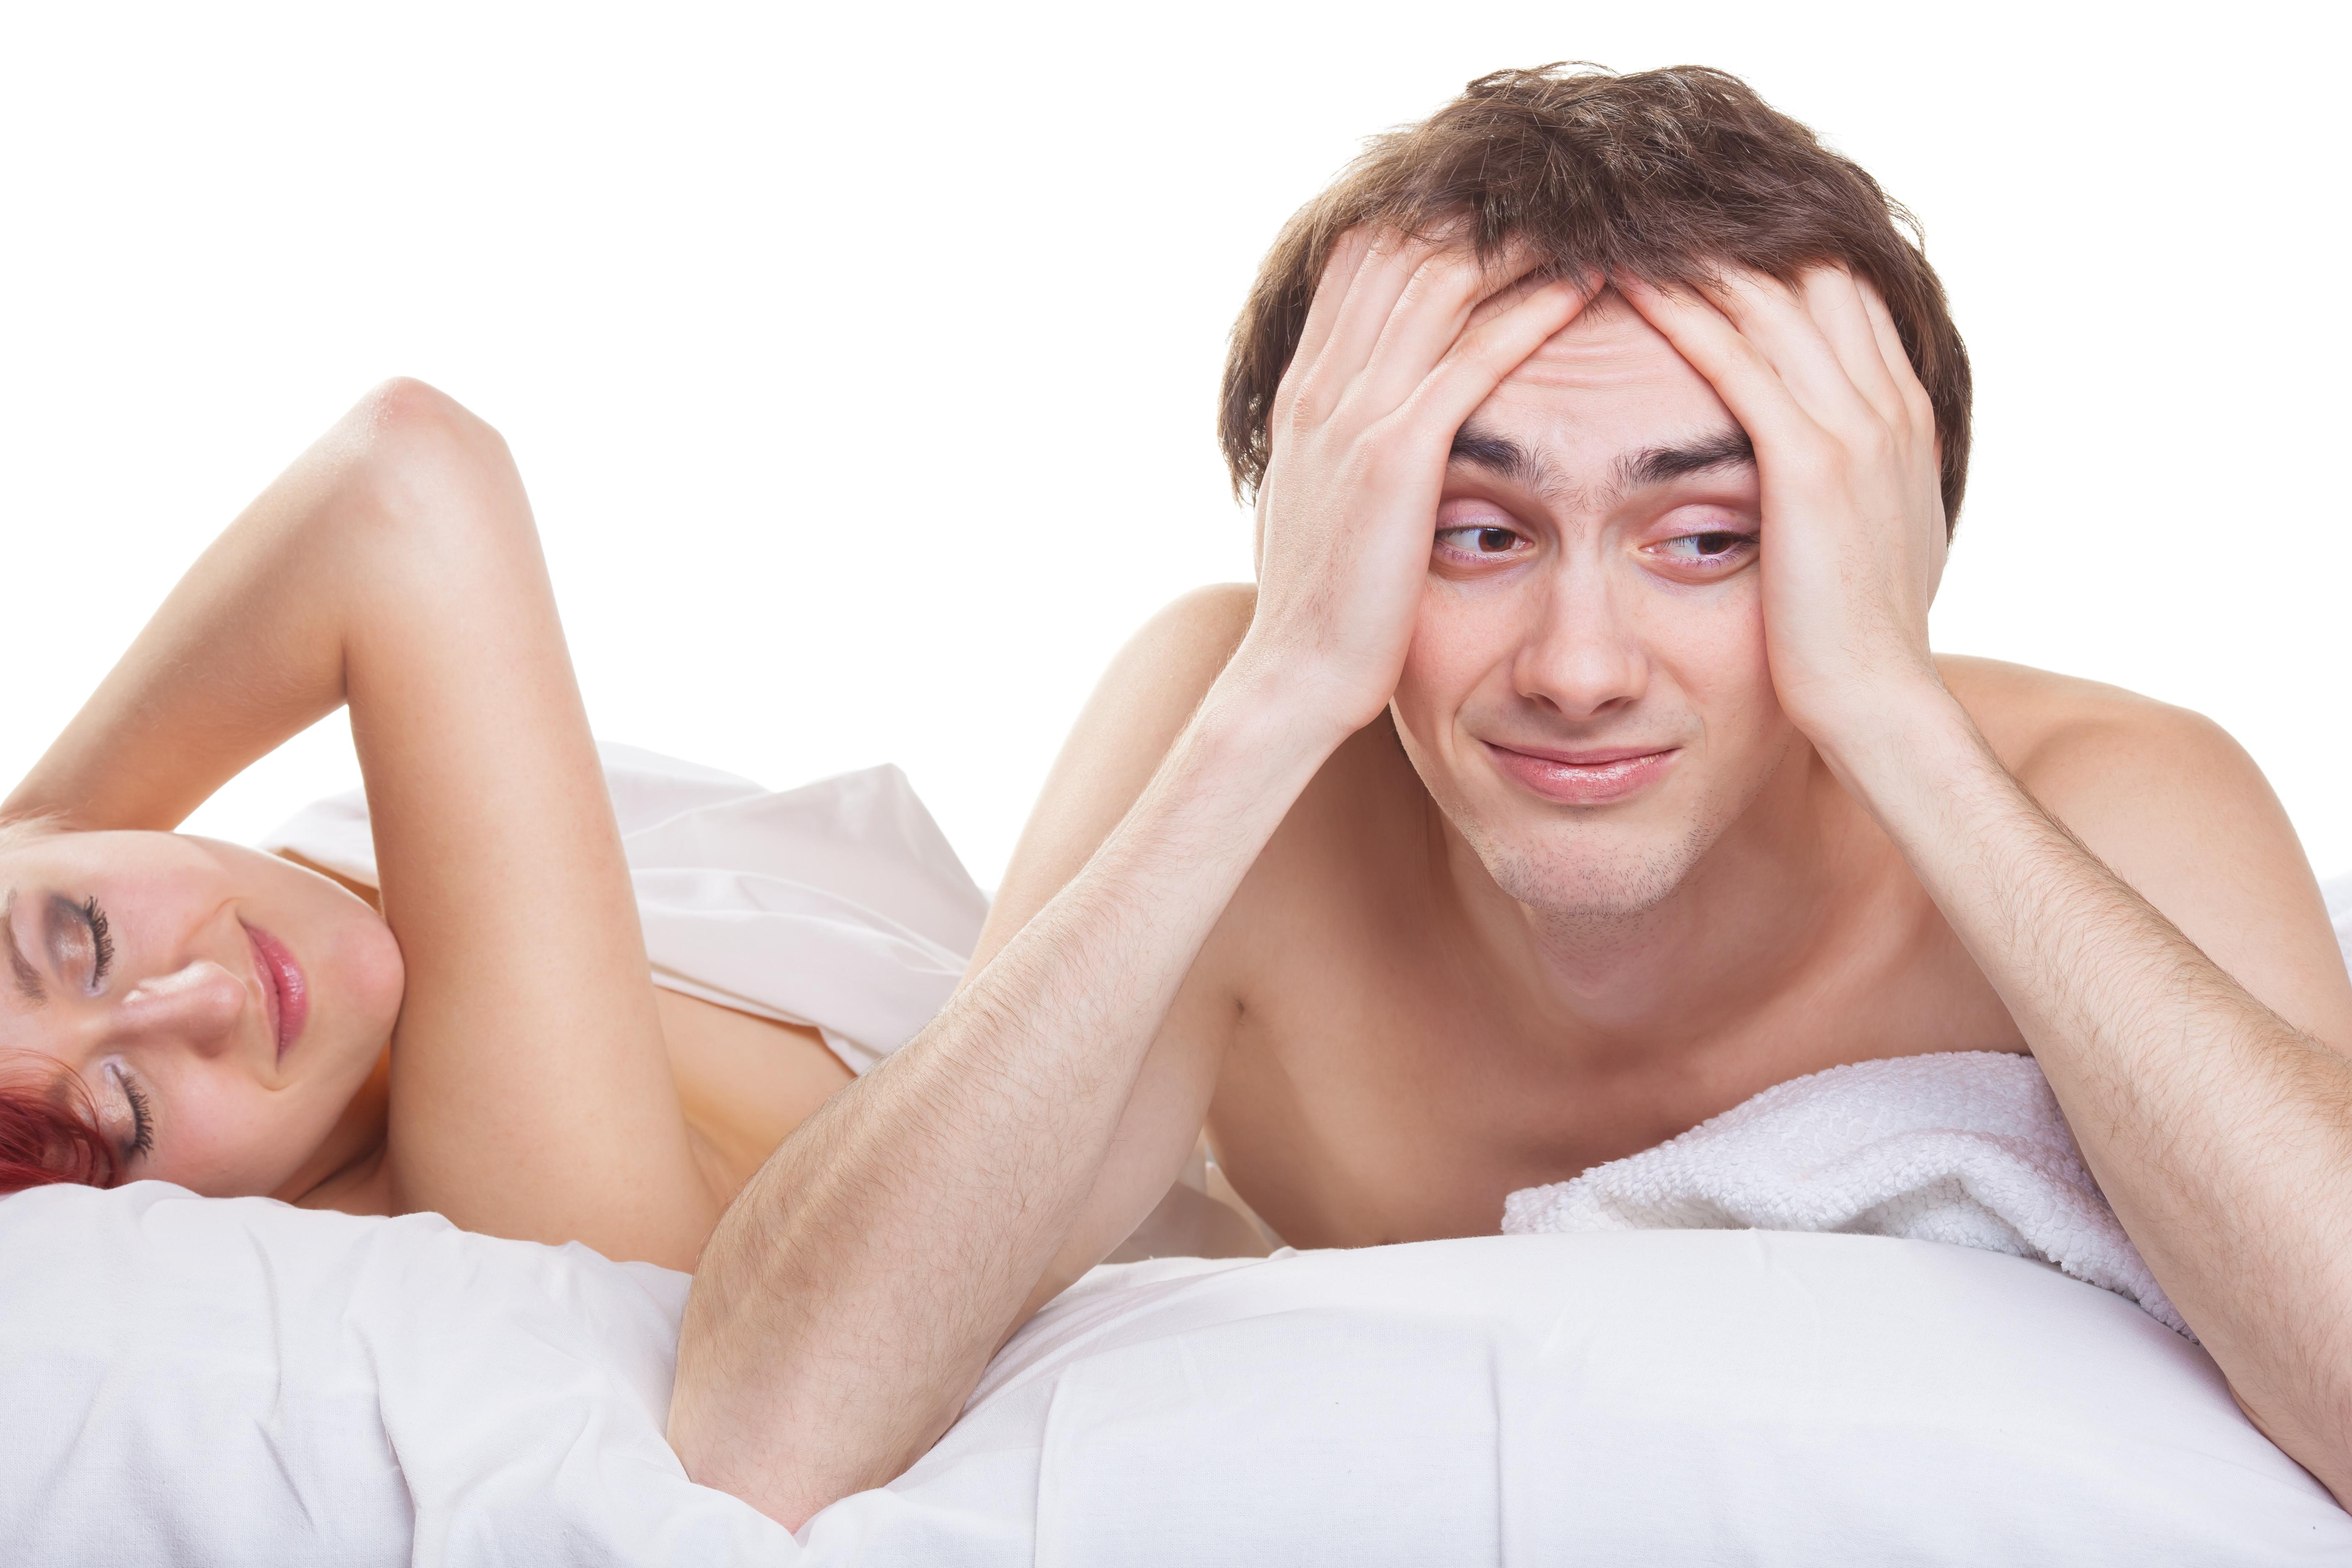 udløsning uden at komme søger kæreste gratis